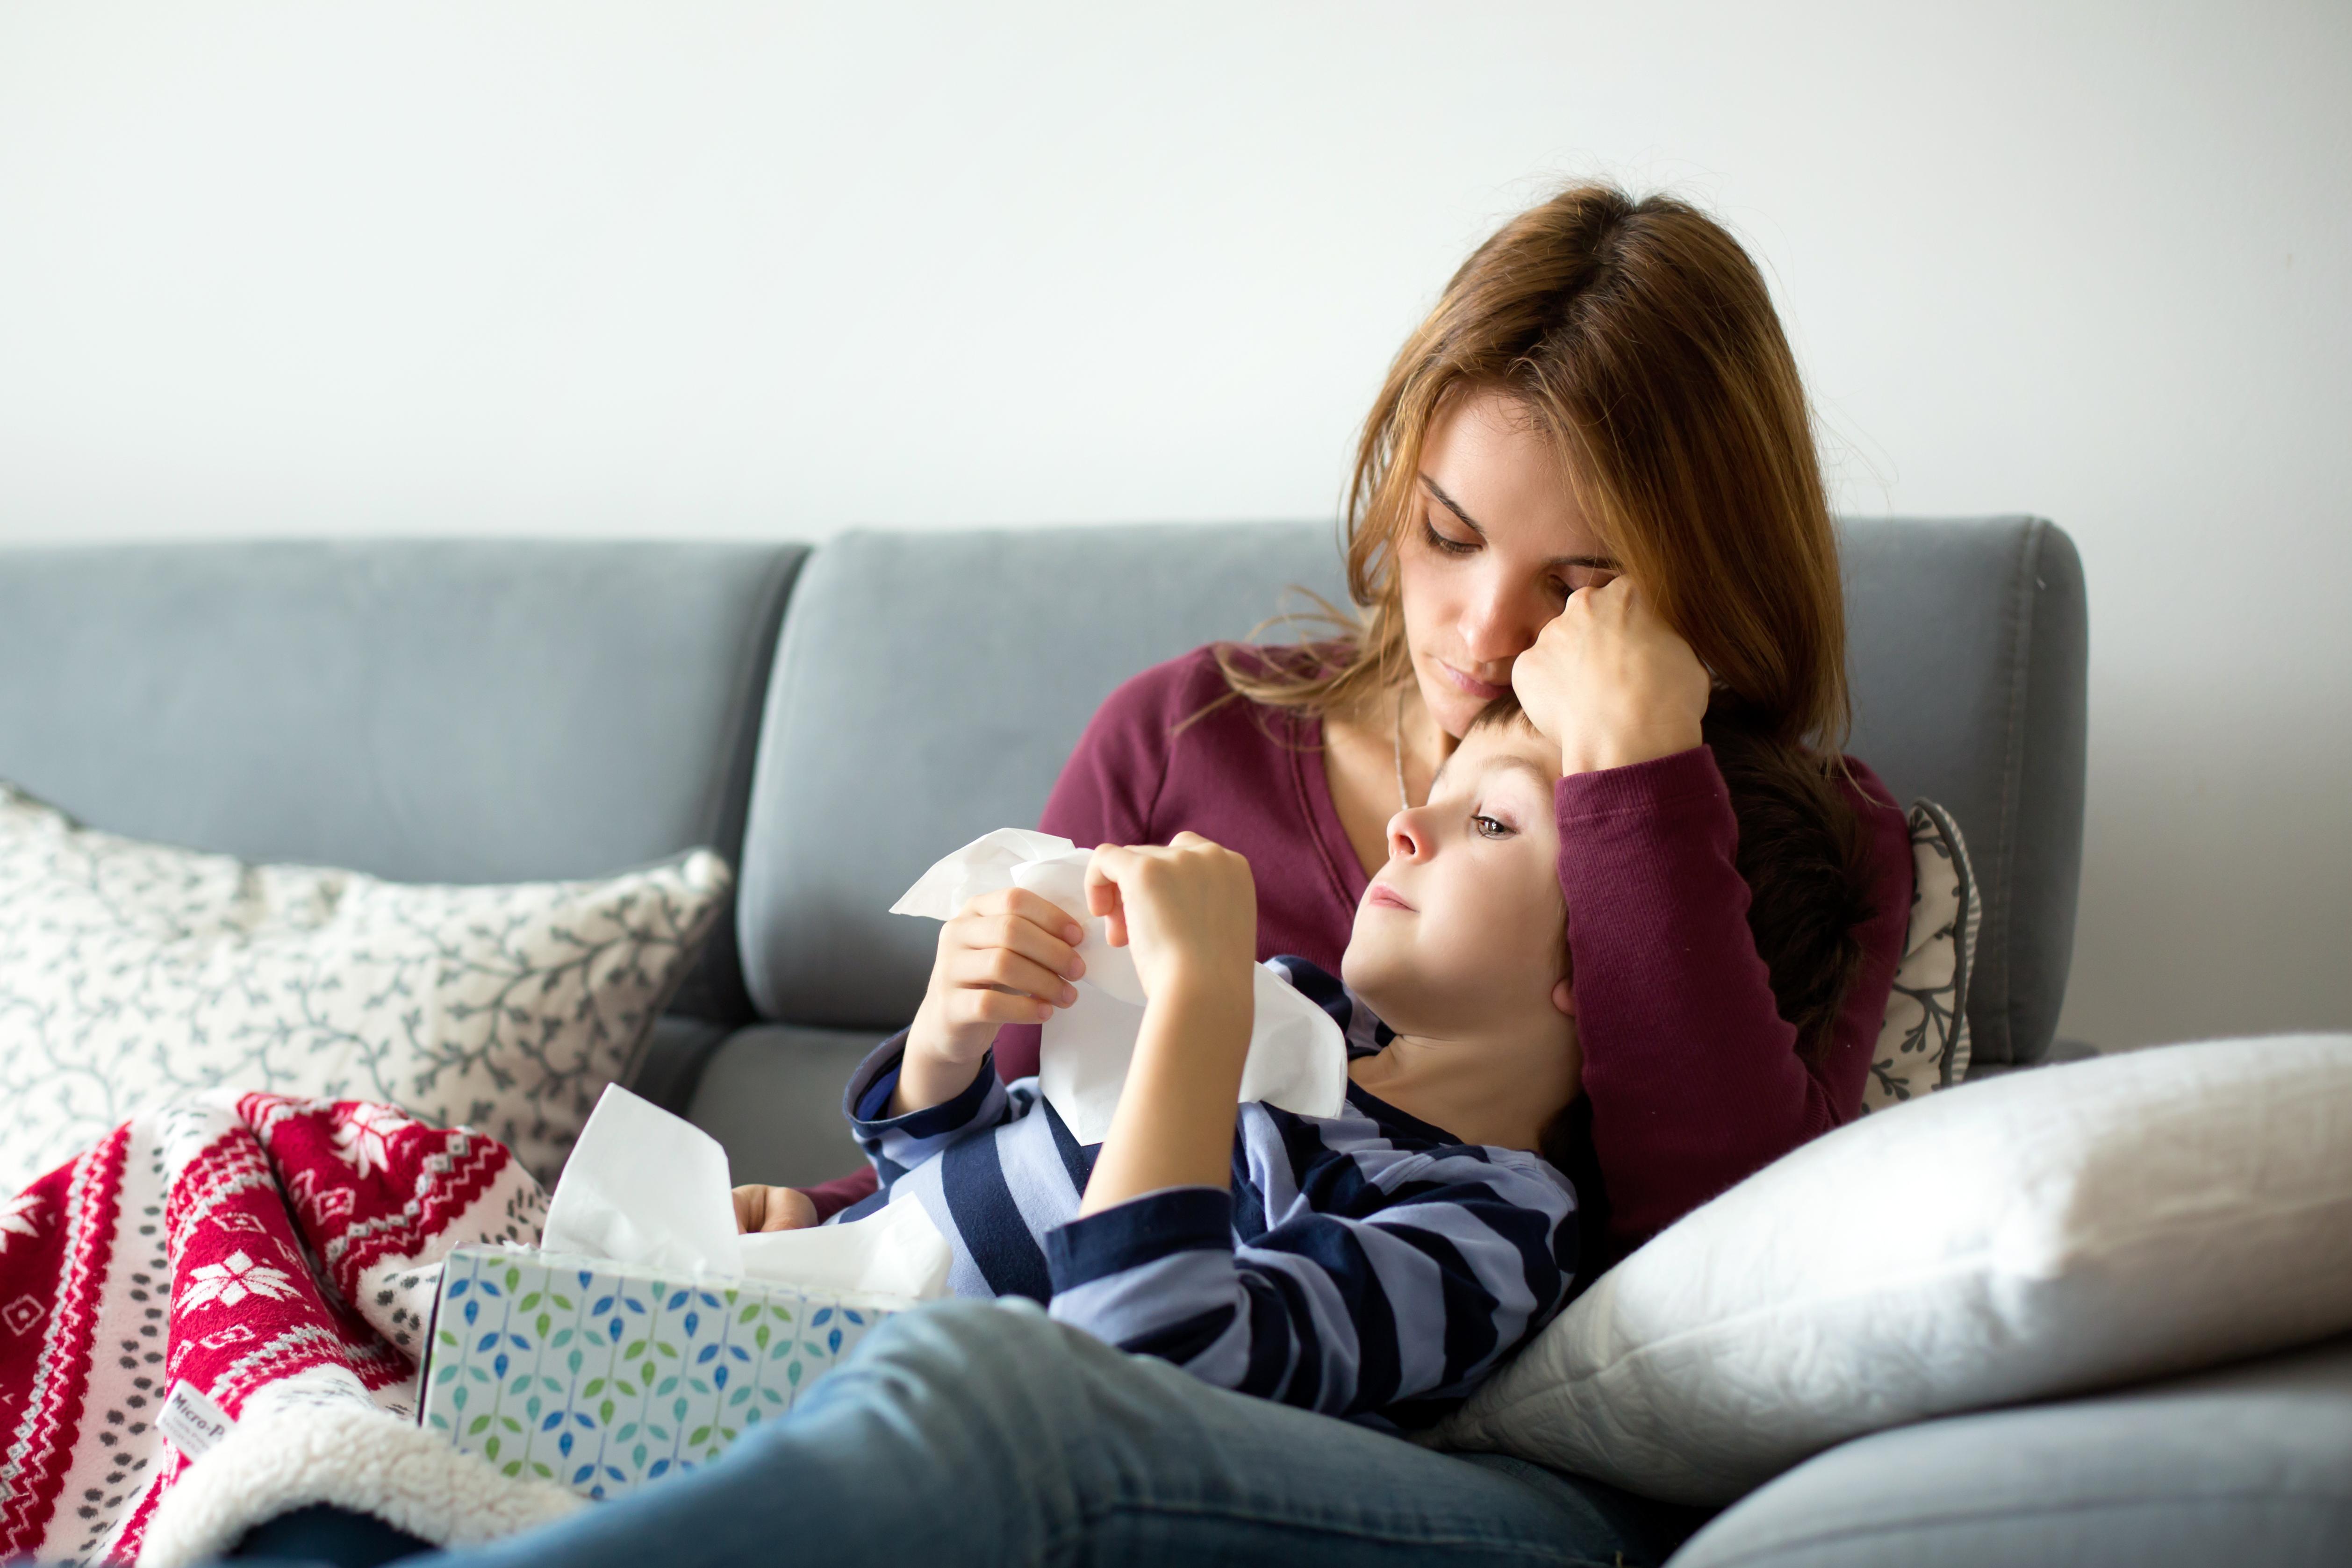 Det som präglat säsongen har varit att antalet sjuka barn under 5 år har varit överrepresenterade bland insjuknade jämfört med tidigare år.